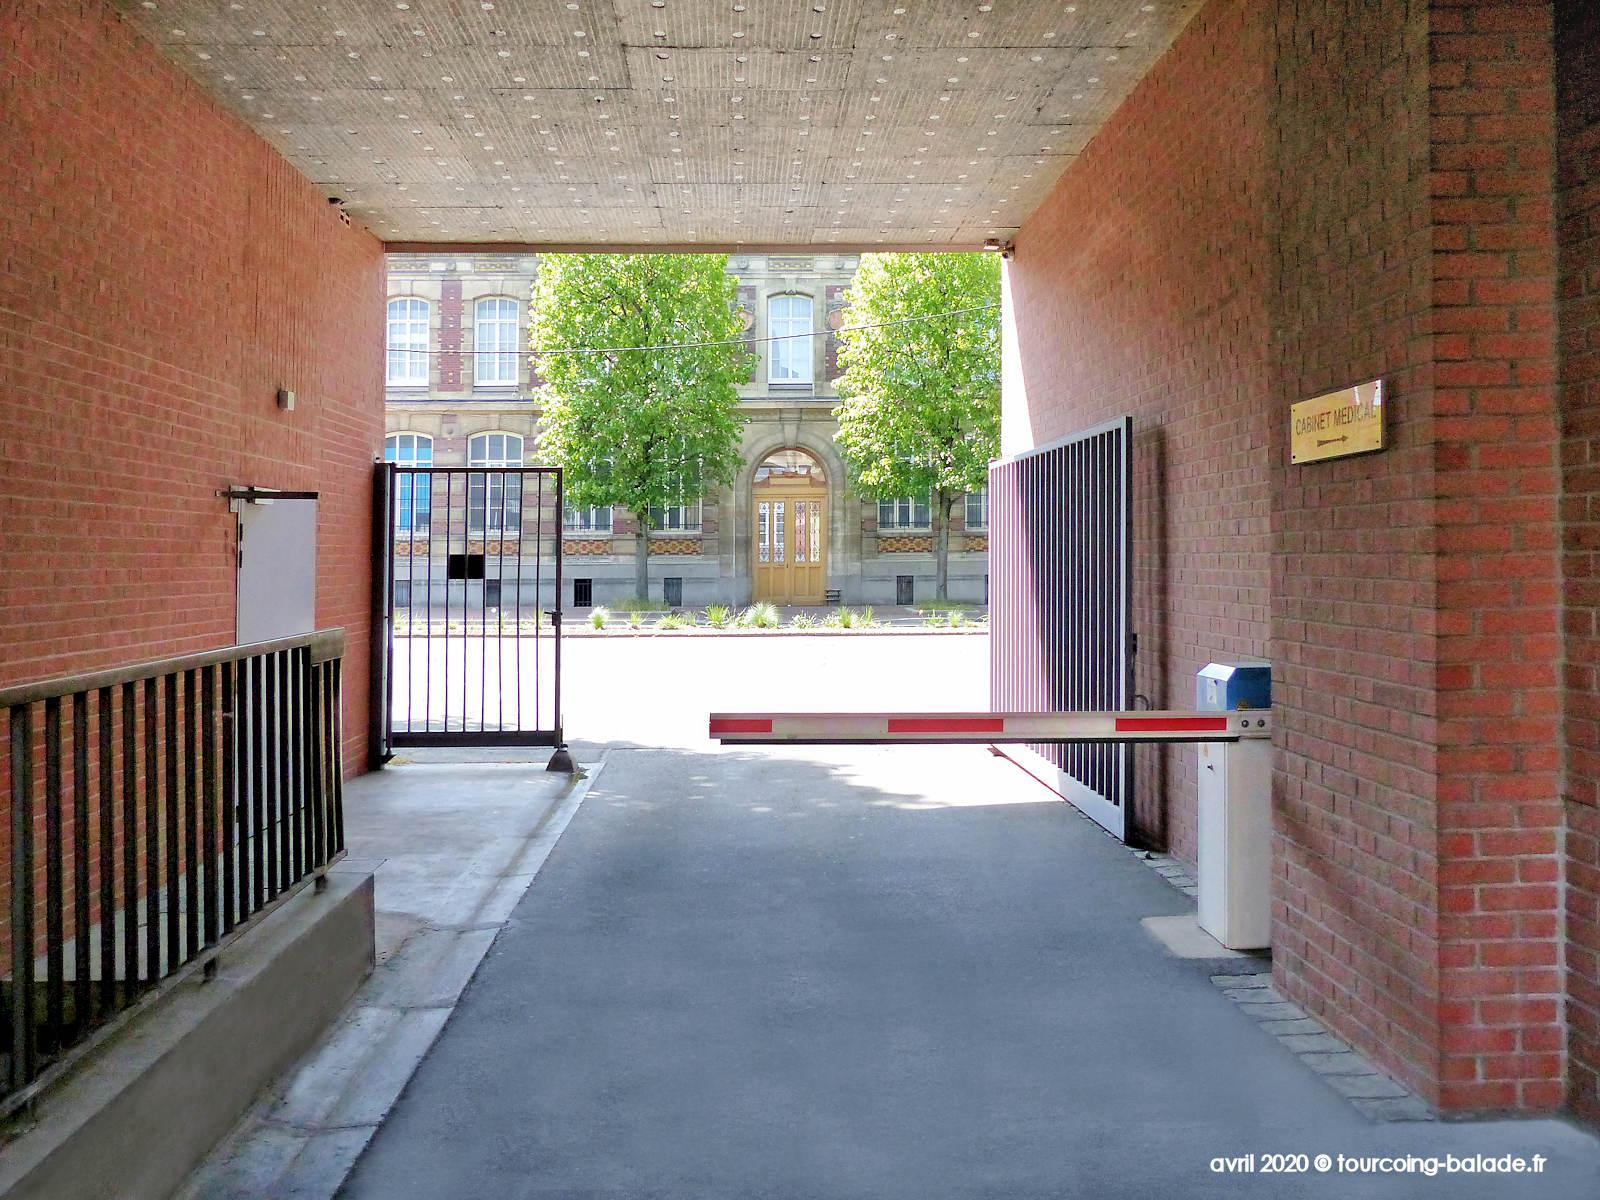 Barrière levante Résidence Maeterlinck, Tourcoing 2020